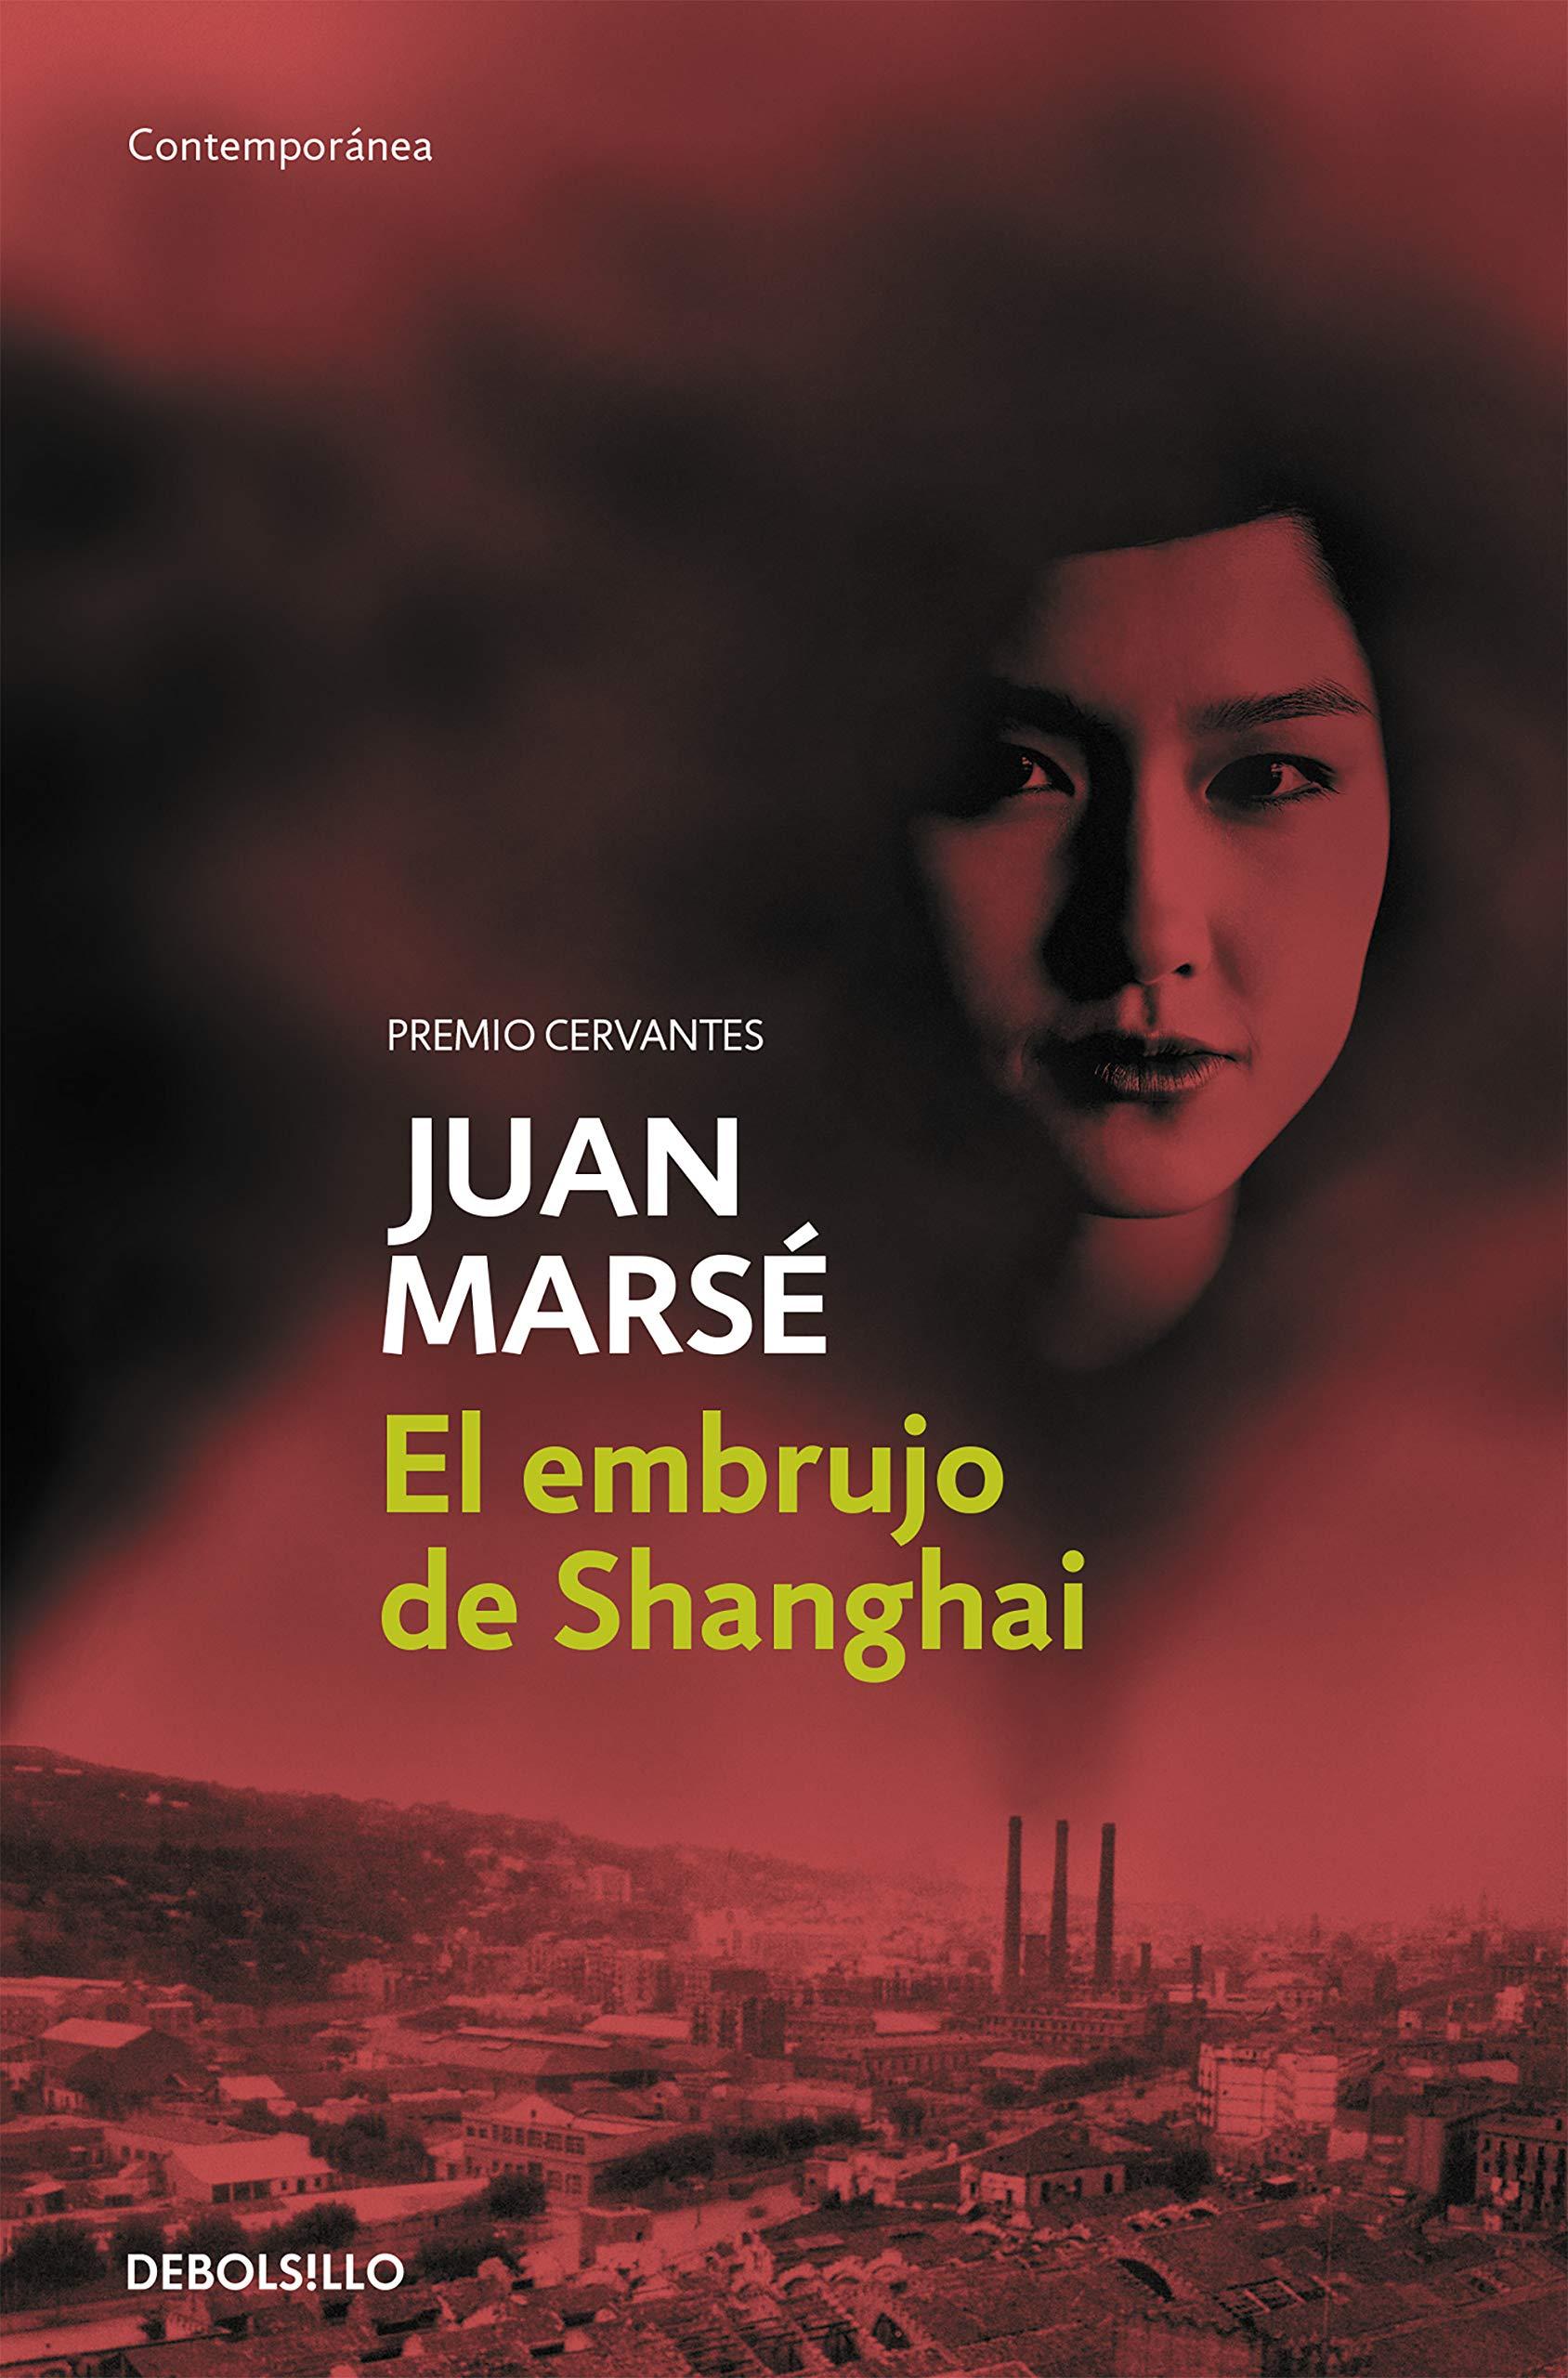 Amazon.com: El embrujo de Shanghai (Contemporánea) (Spanish ...